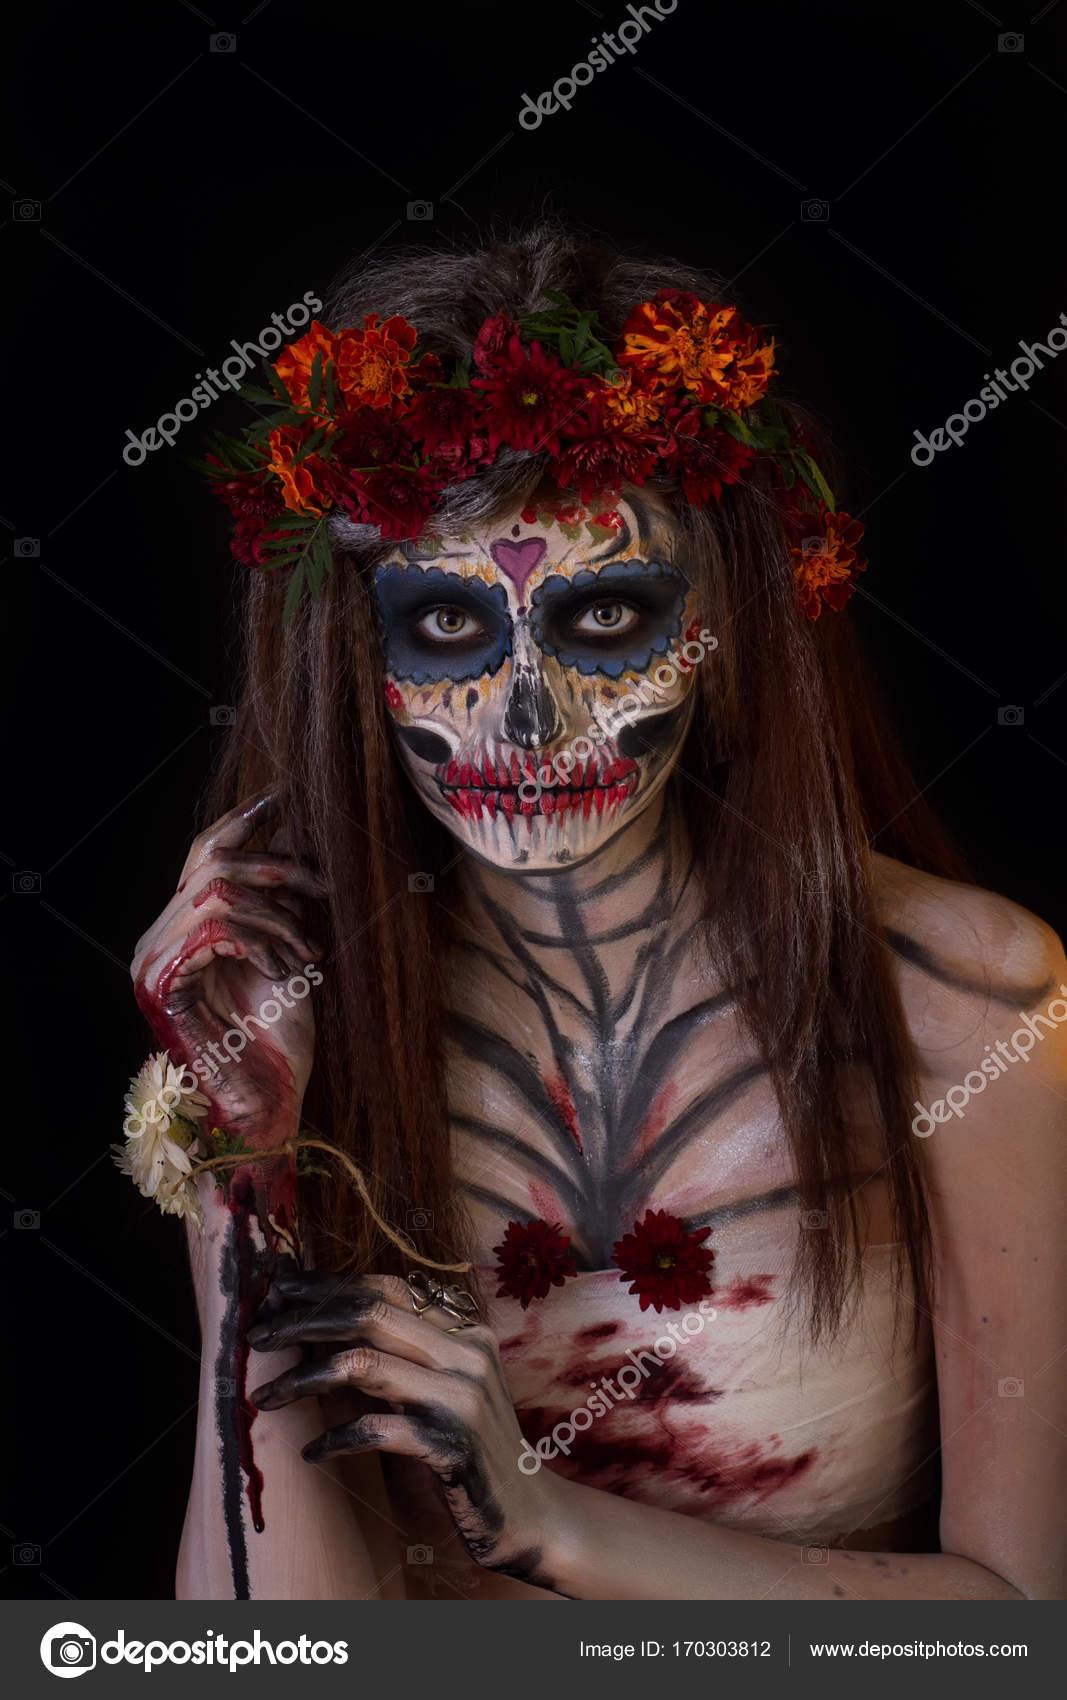 Trucchi Di Halloween Spaventosi.Bella Ragazza Con Trucco Di Halloween Spaventoso Foto Stock